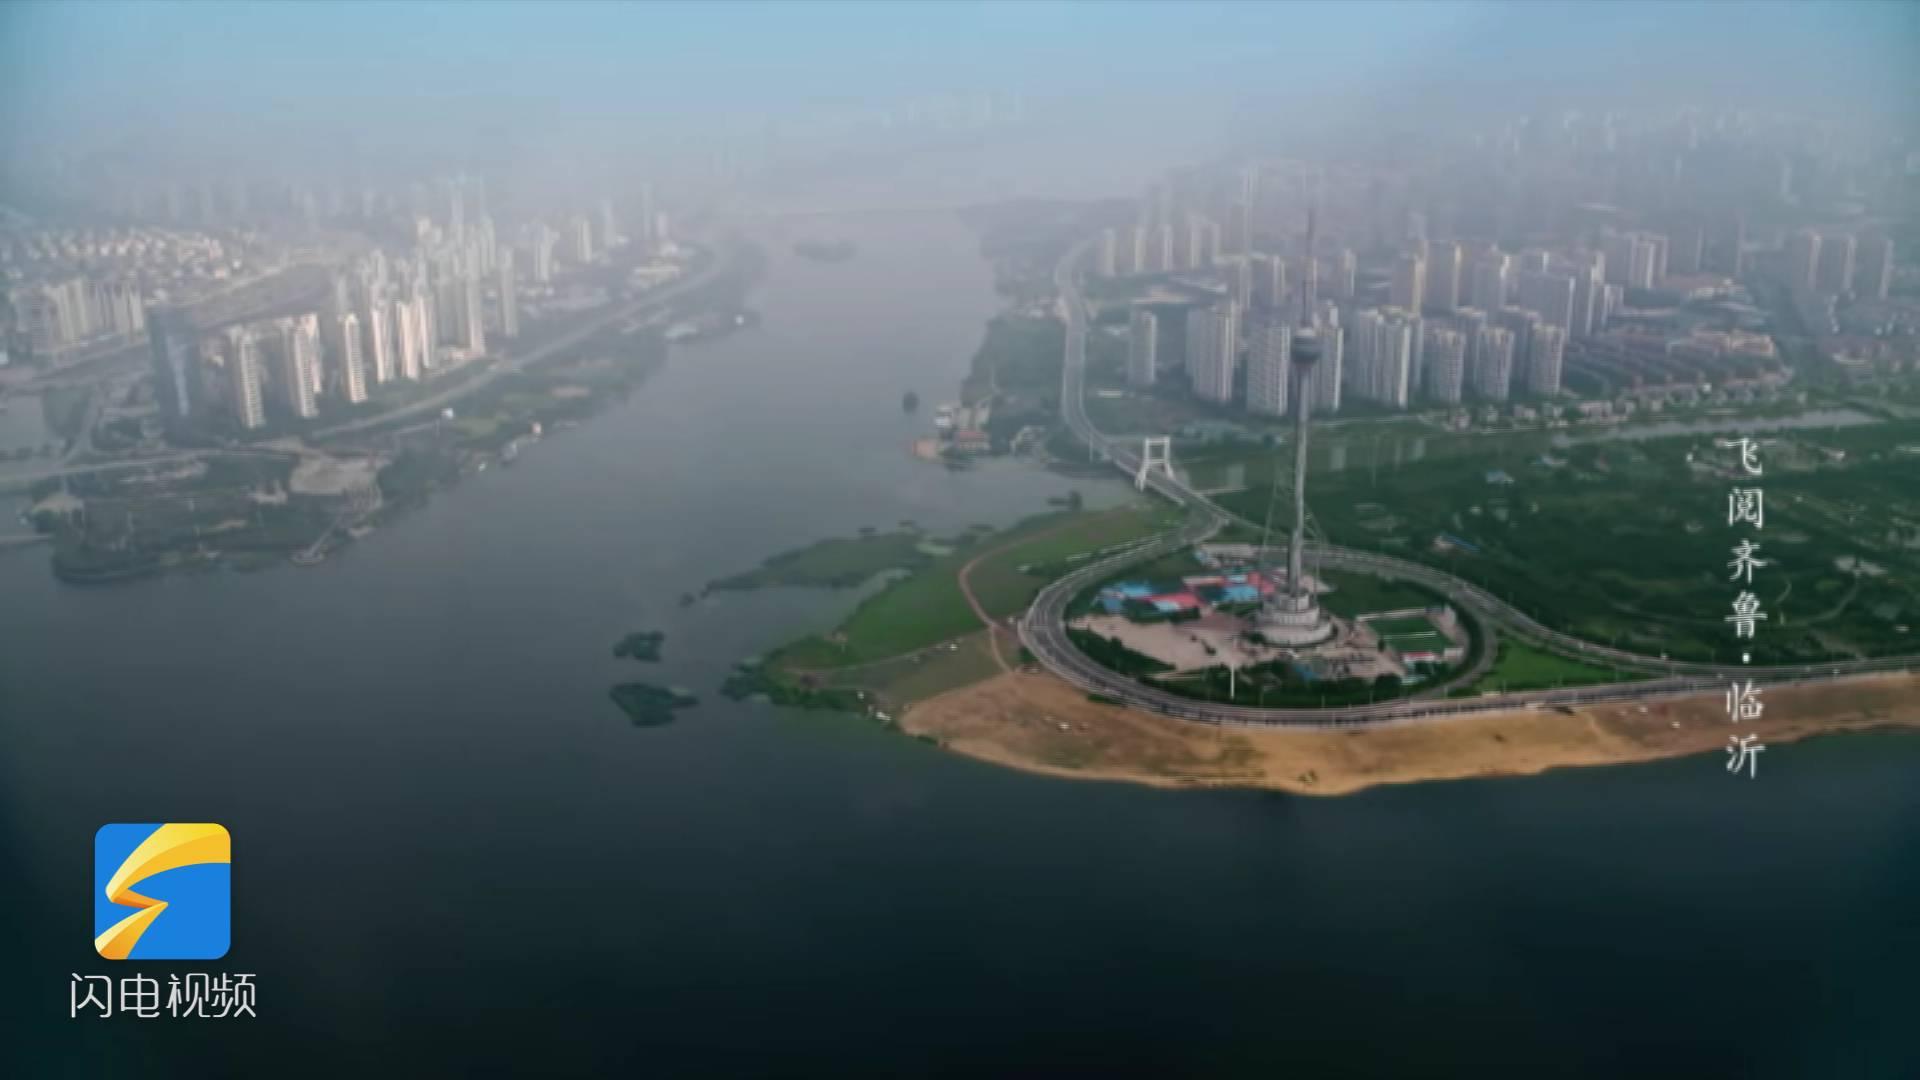 《飞阅齐鲁》临沂·枣庄篇   万米高空瞰老区拔地起新城煤城大转型